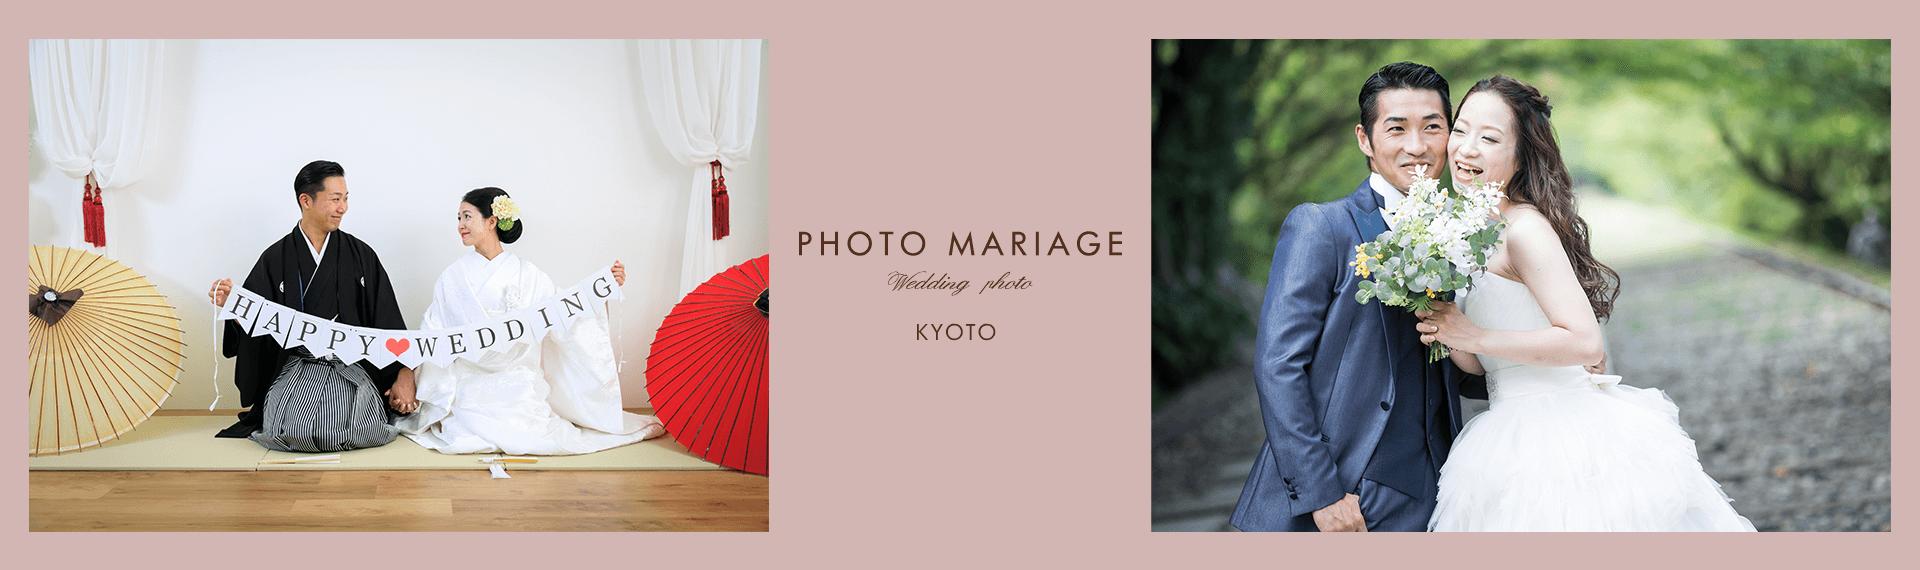 フォトウエディング・前撮り・結婚写真コラム